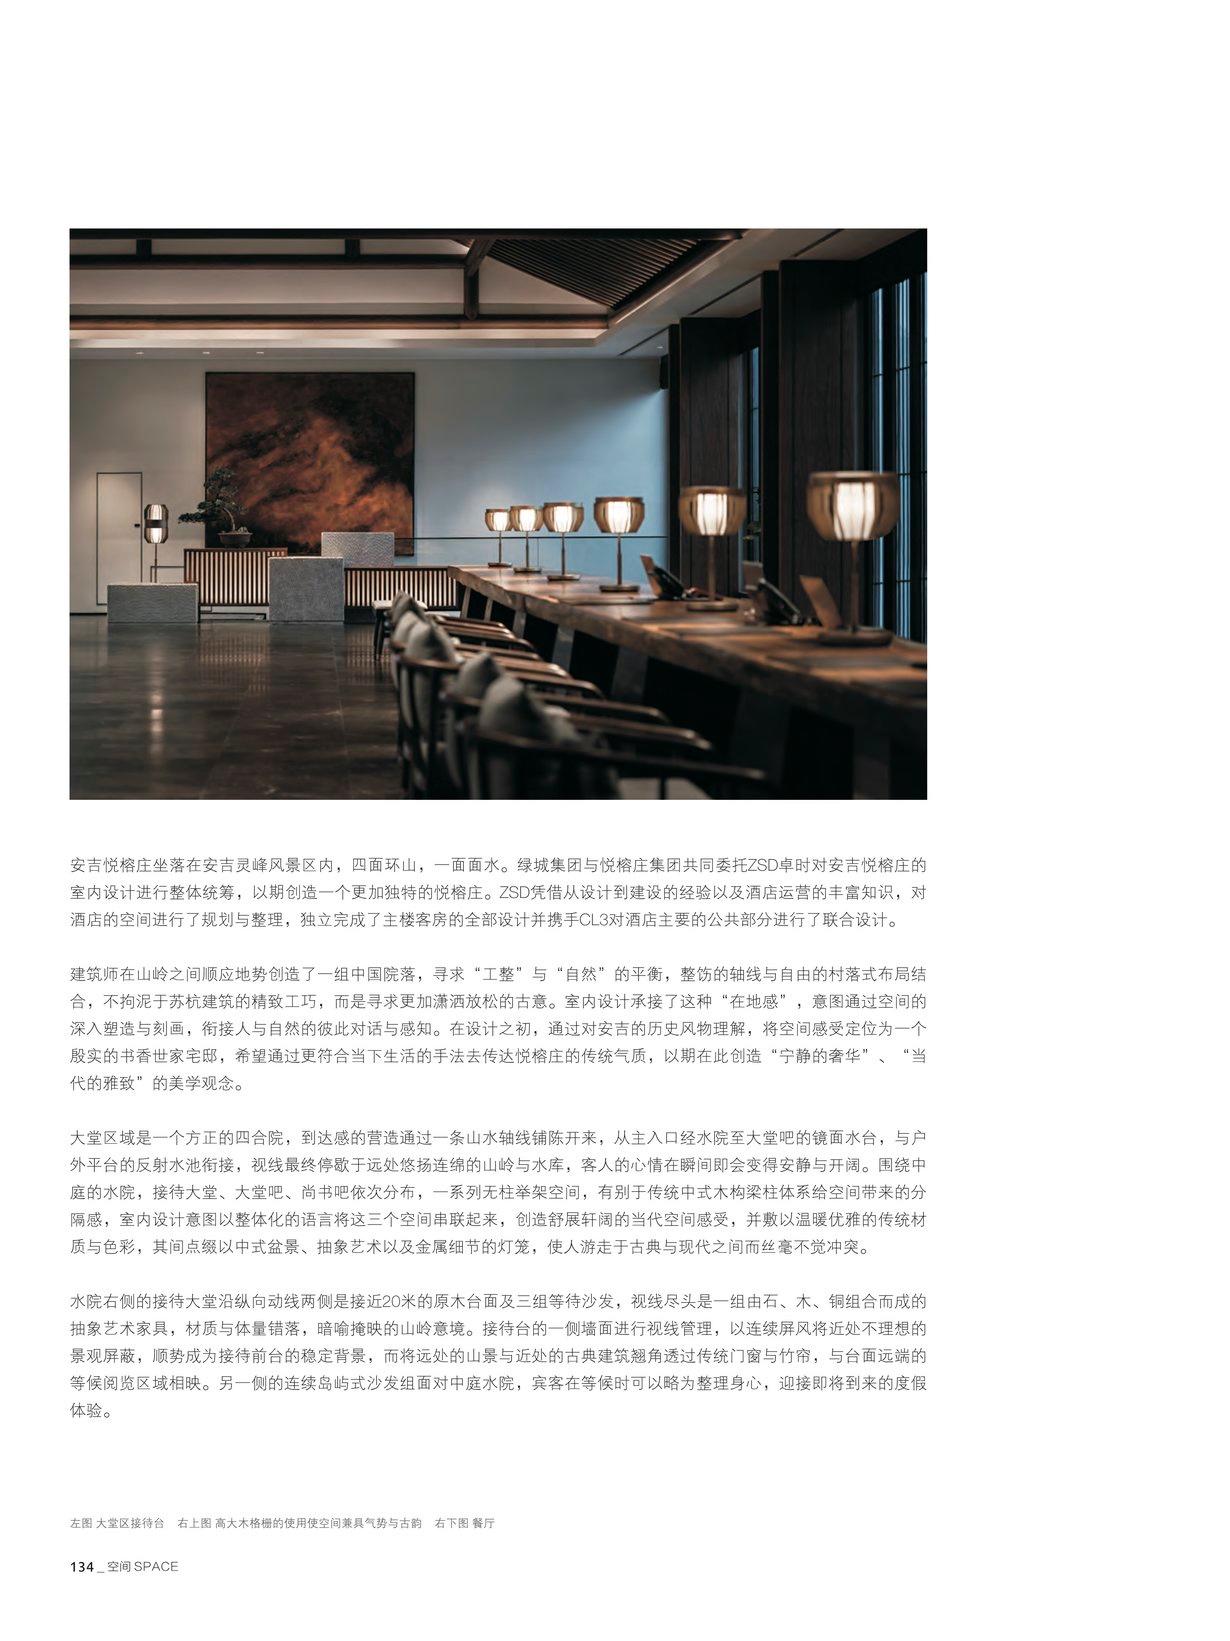 201902 现代装饰  安吉悦榕庄度假酒店2.jpg